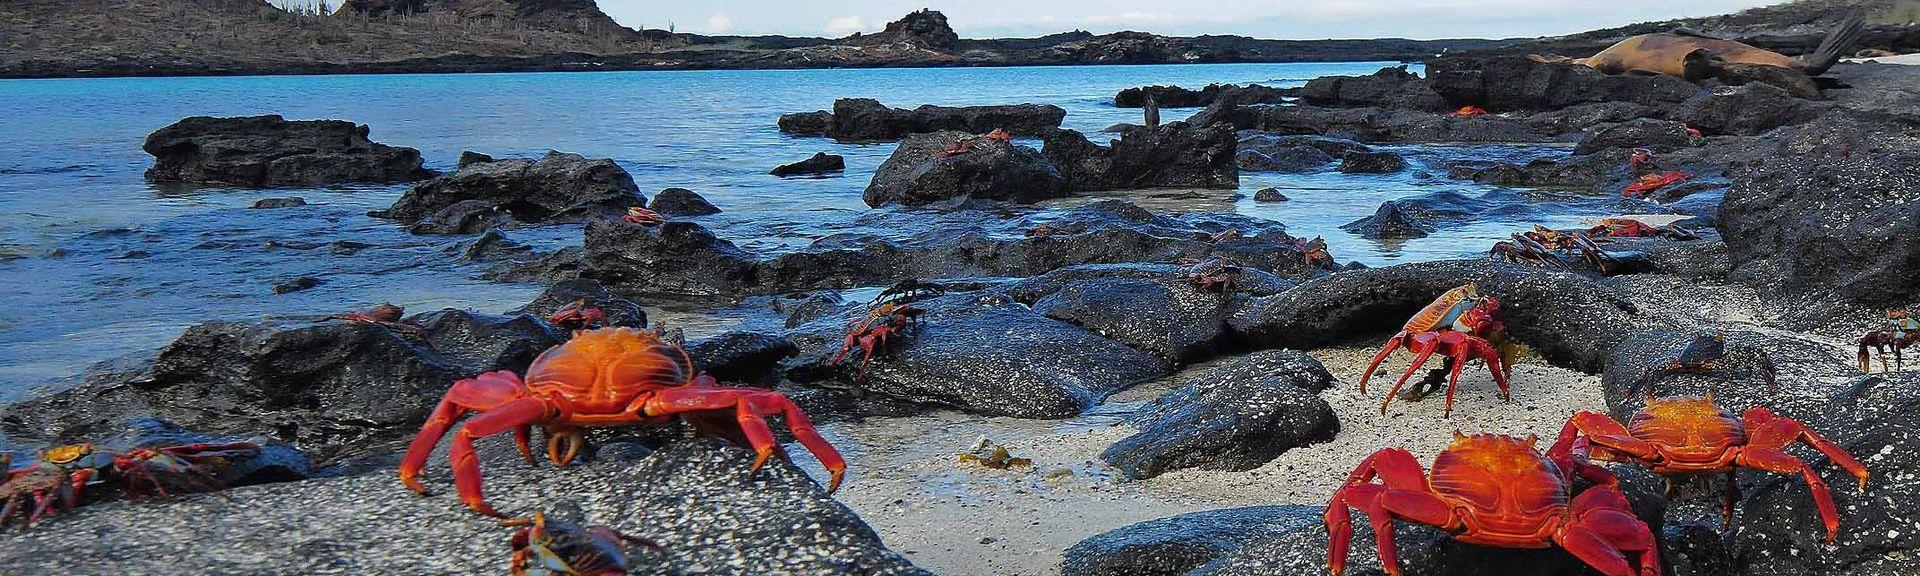 Las Grietas, Galápagos Islands, Ecuador